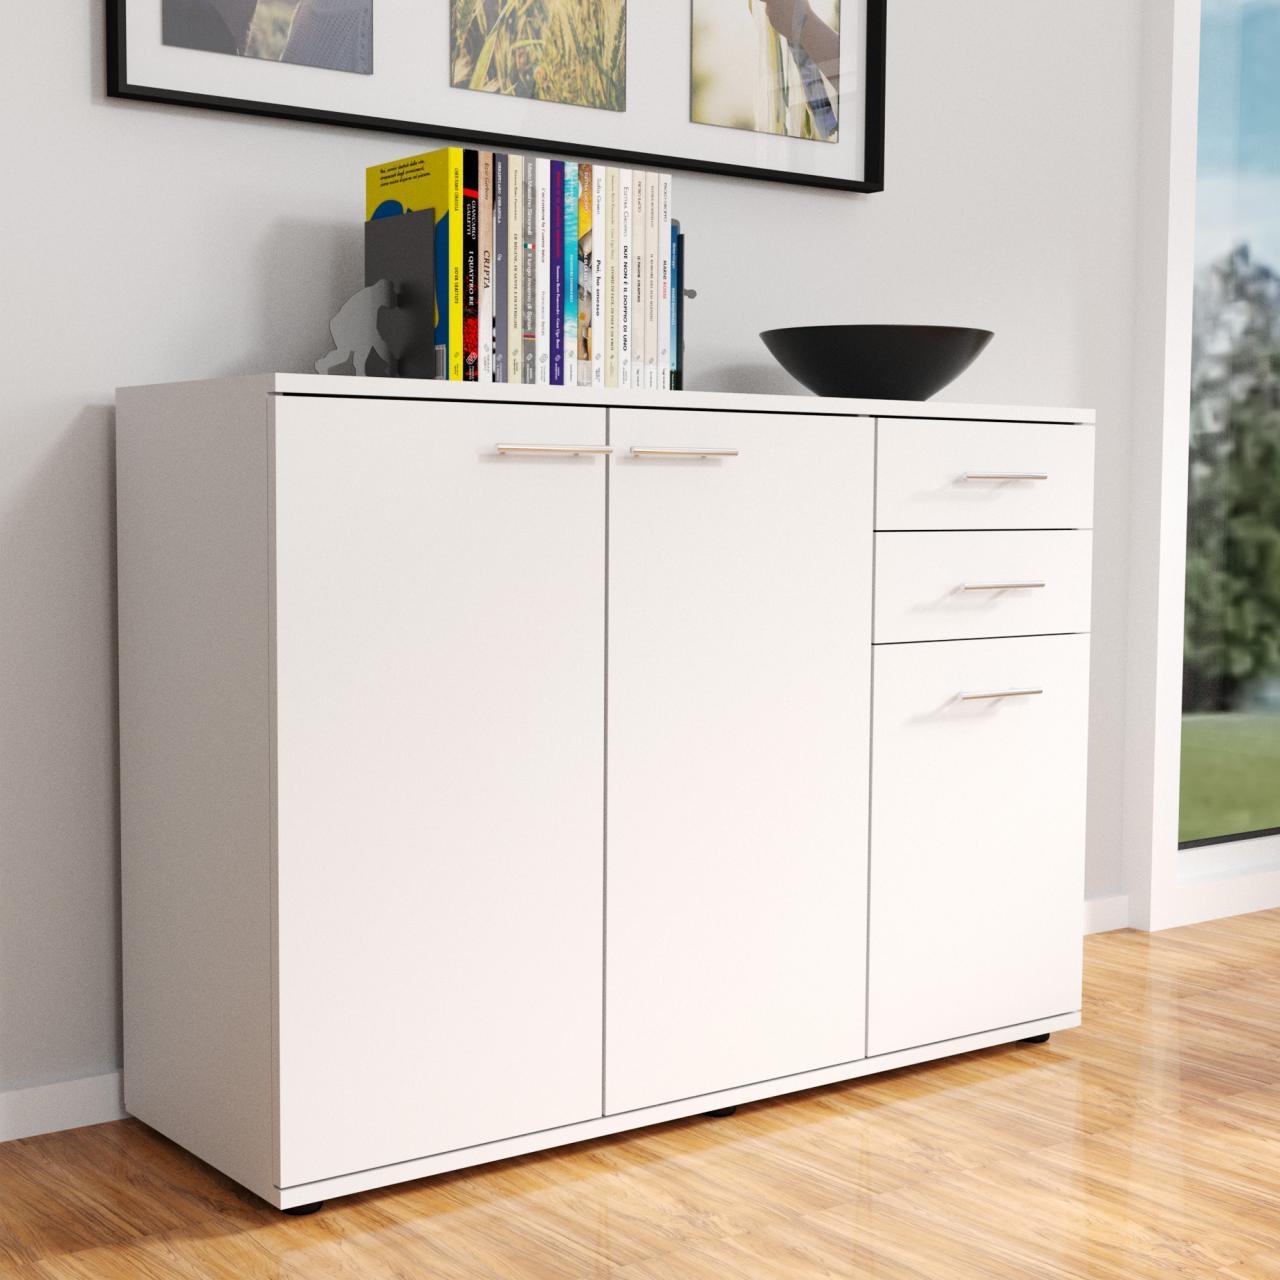 moderne kommode sideboard highboard mehrzweckschrank. Black Bedroom Furniture Sets. Home Design Ideas